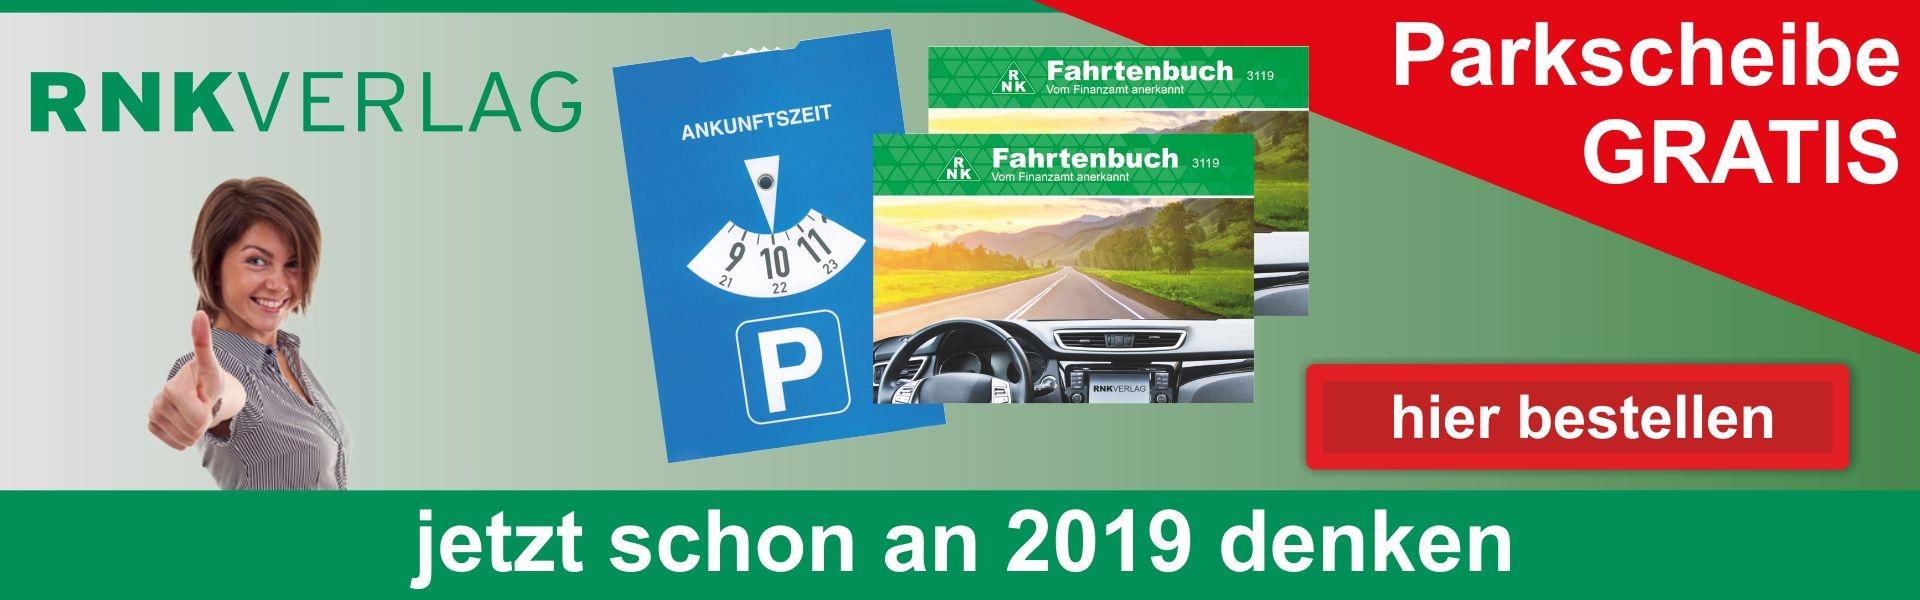 rnk Fahrtenbuch + Parkscheibe